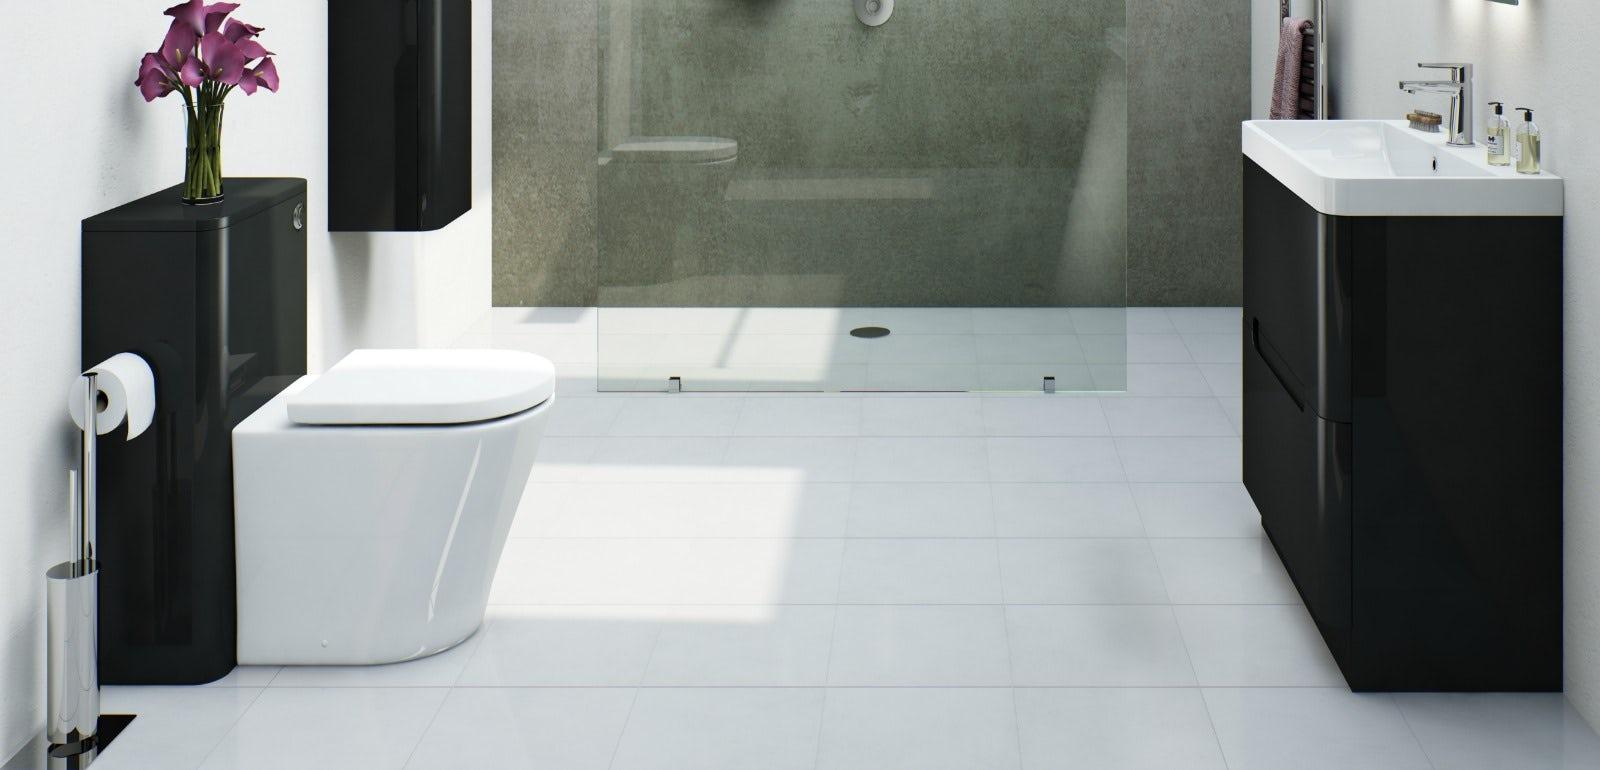 Contemporary bathroom inspiration | VictoriaPlum.com